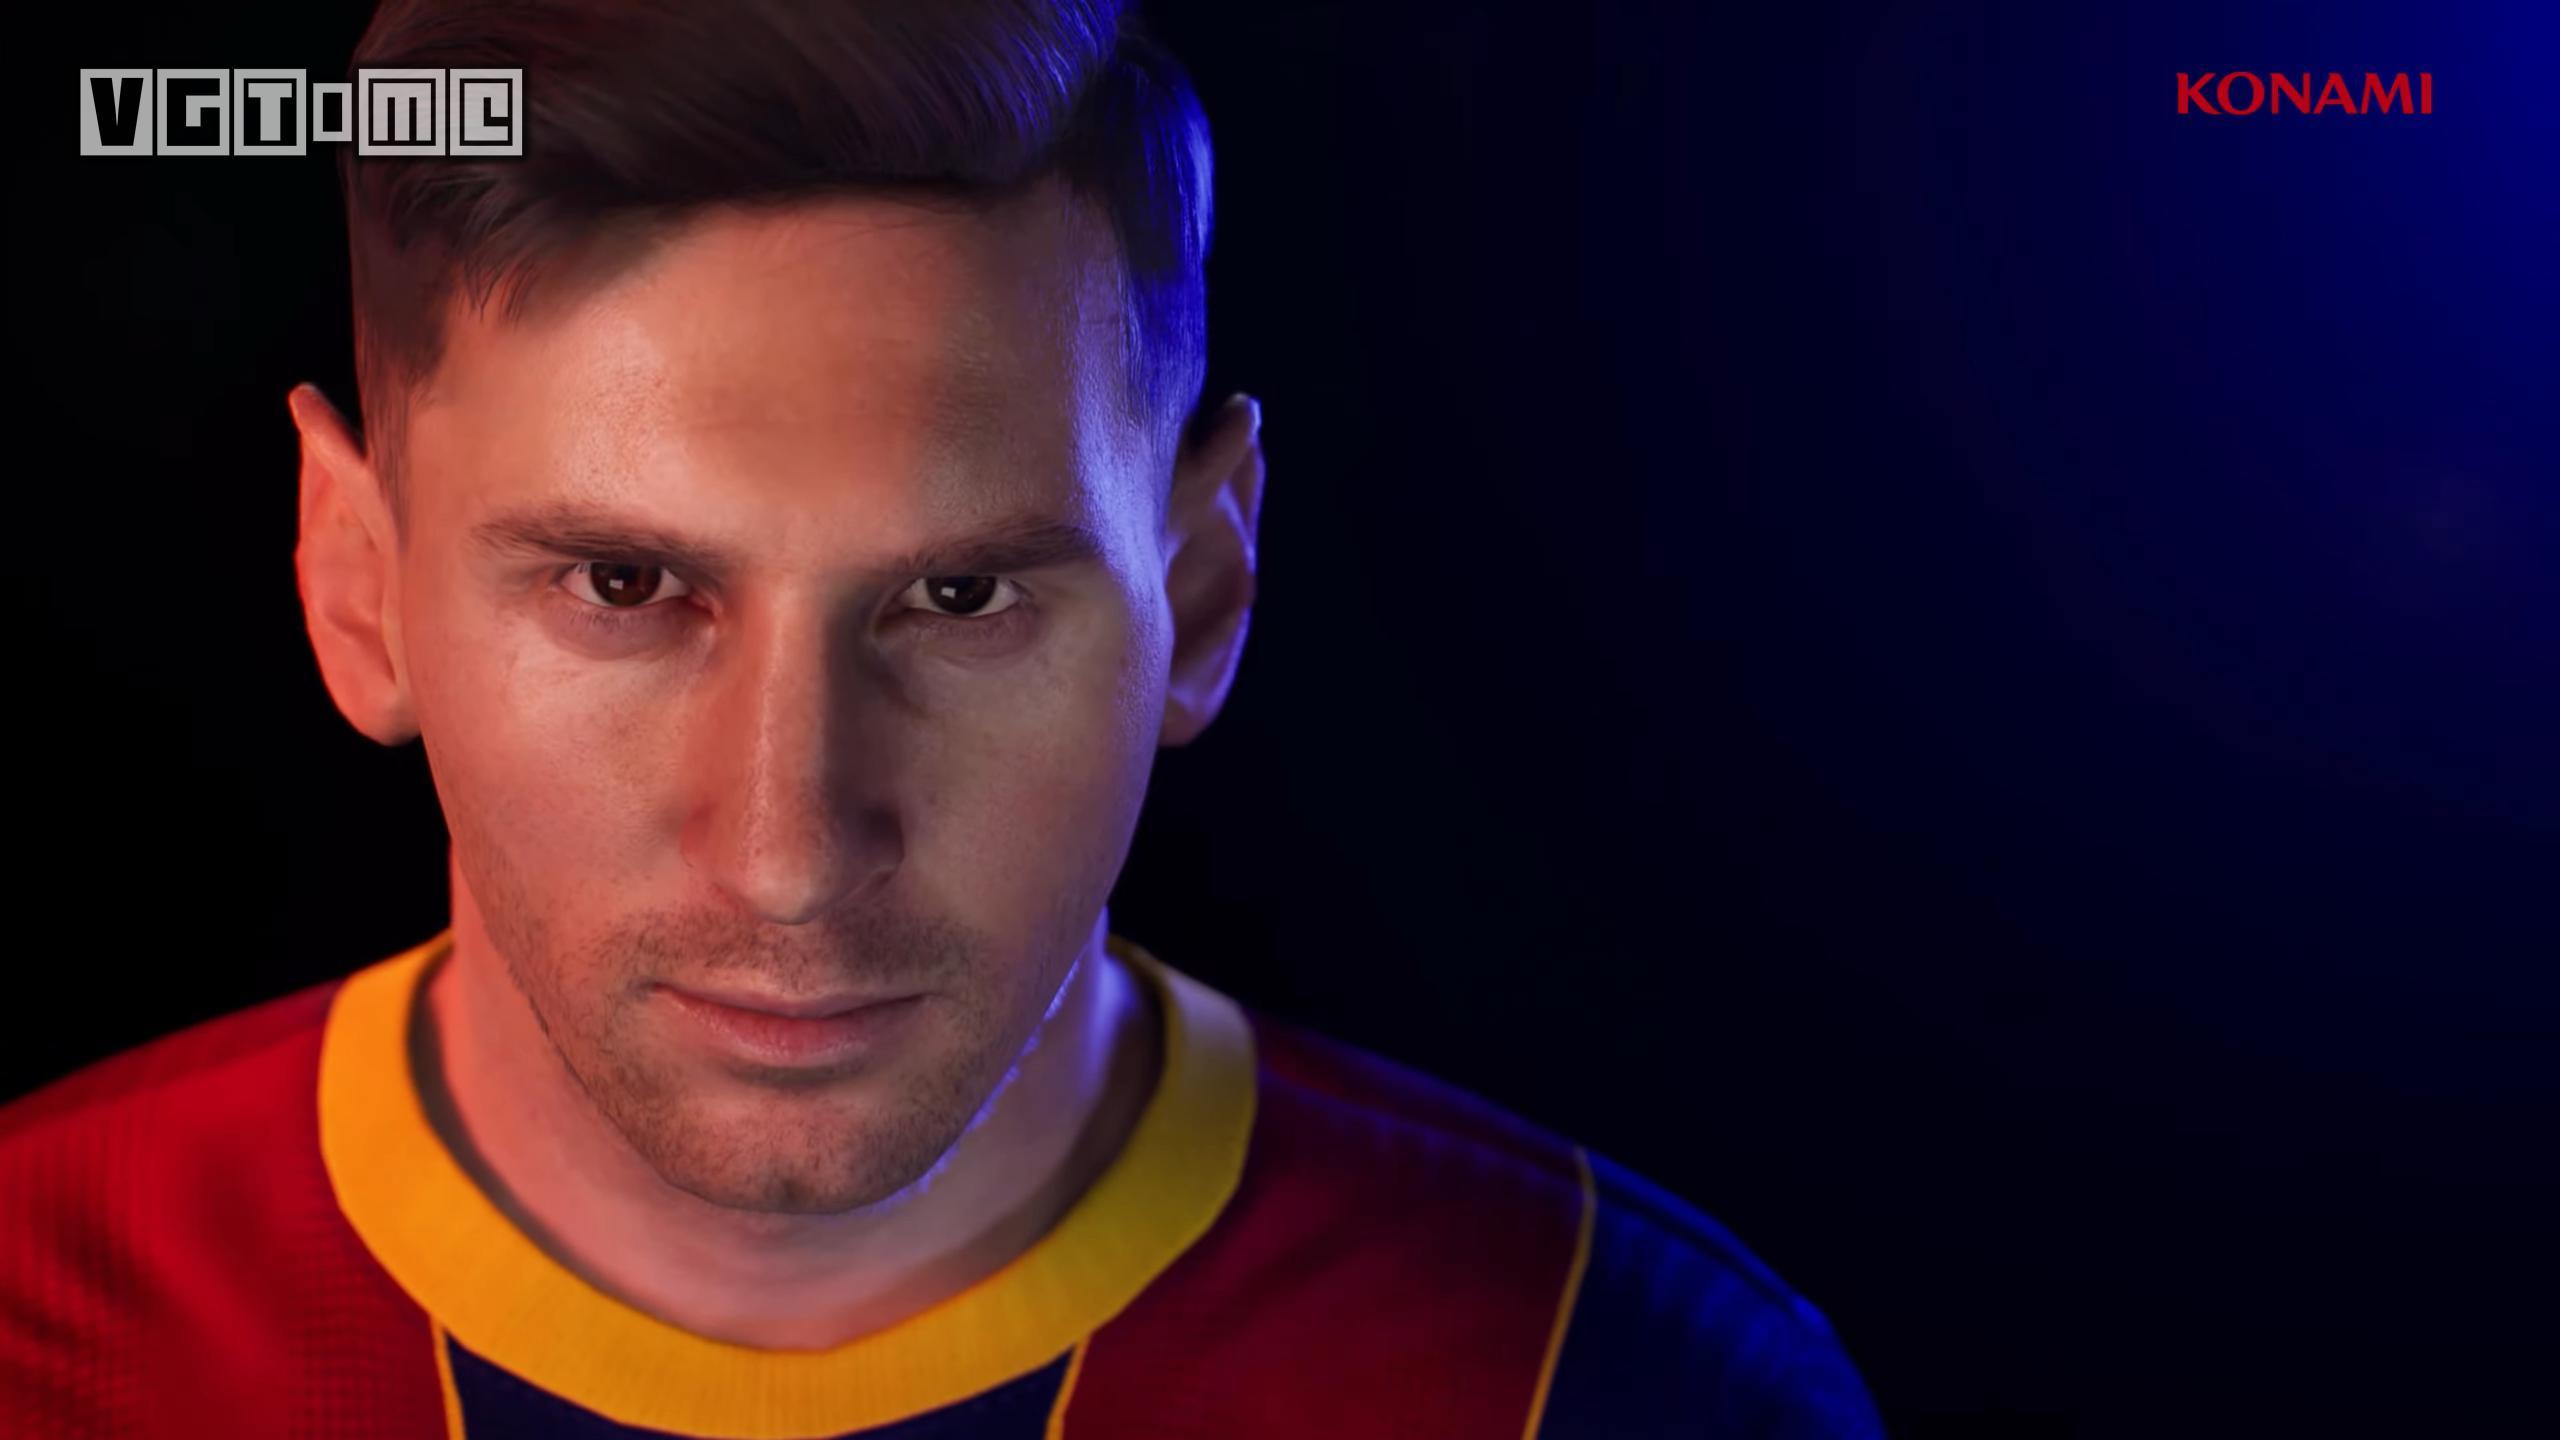 次世代《实况足球》将使用虚幻引擎 2021下半年发售